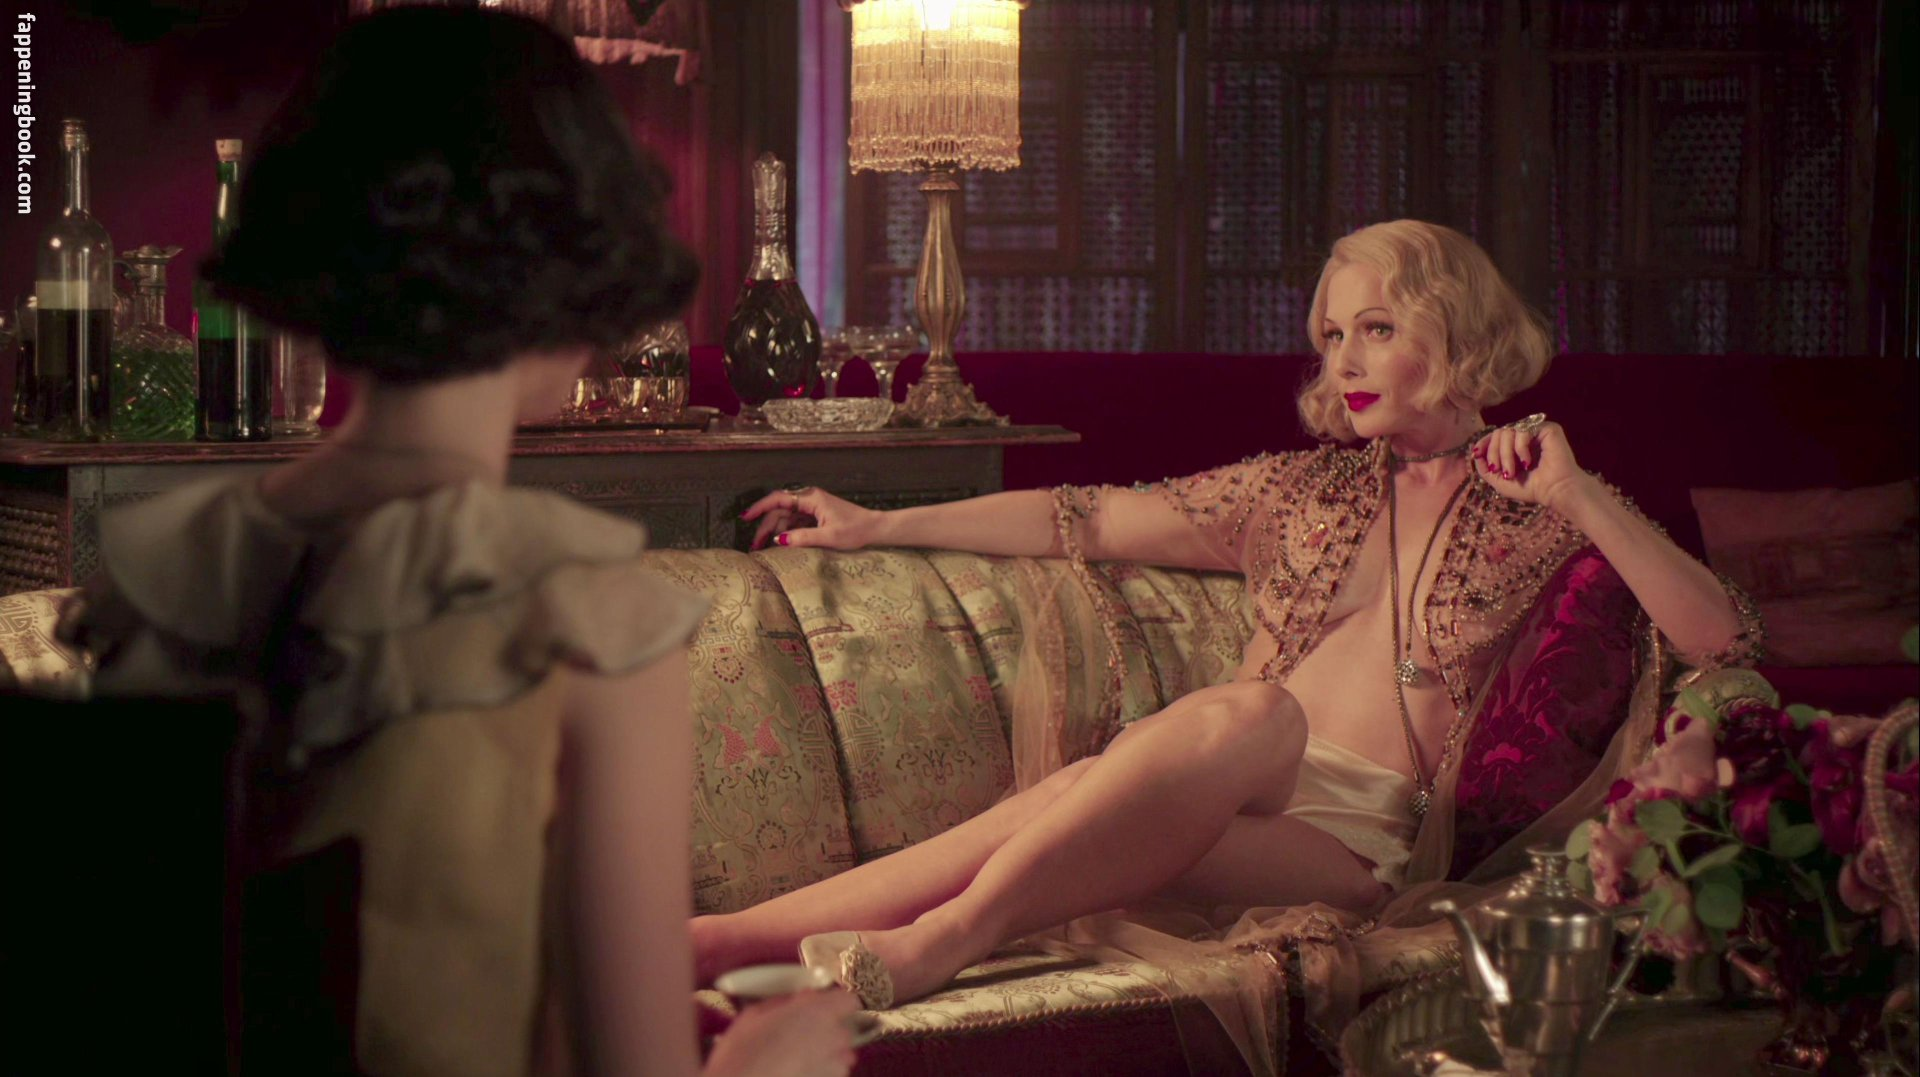 Stefanie von Pfetten Nude